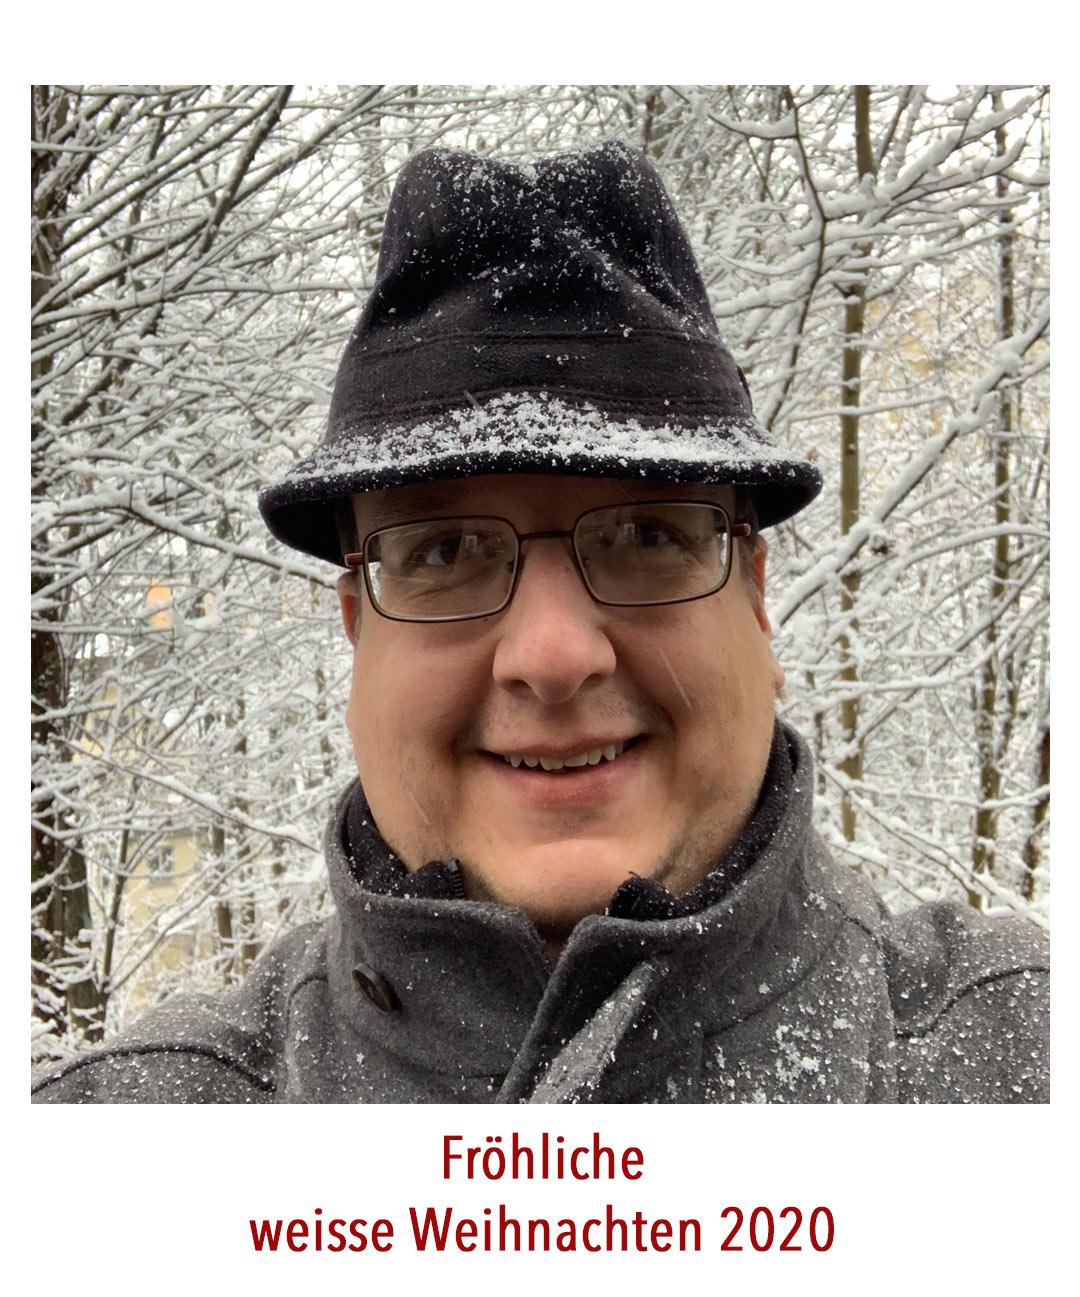 weihnachten2020 - Fröhliche Weihnachten